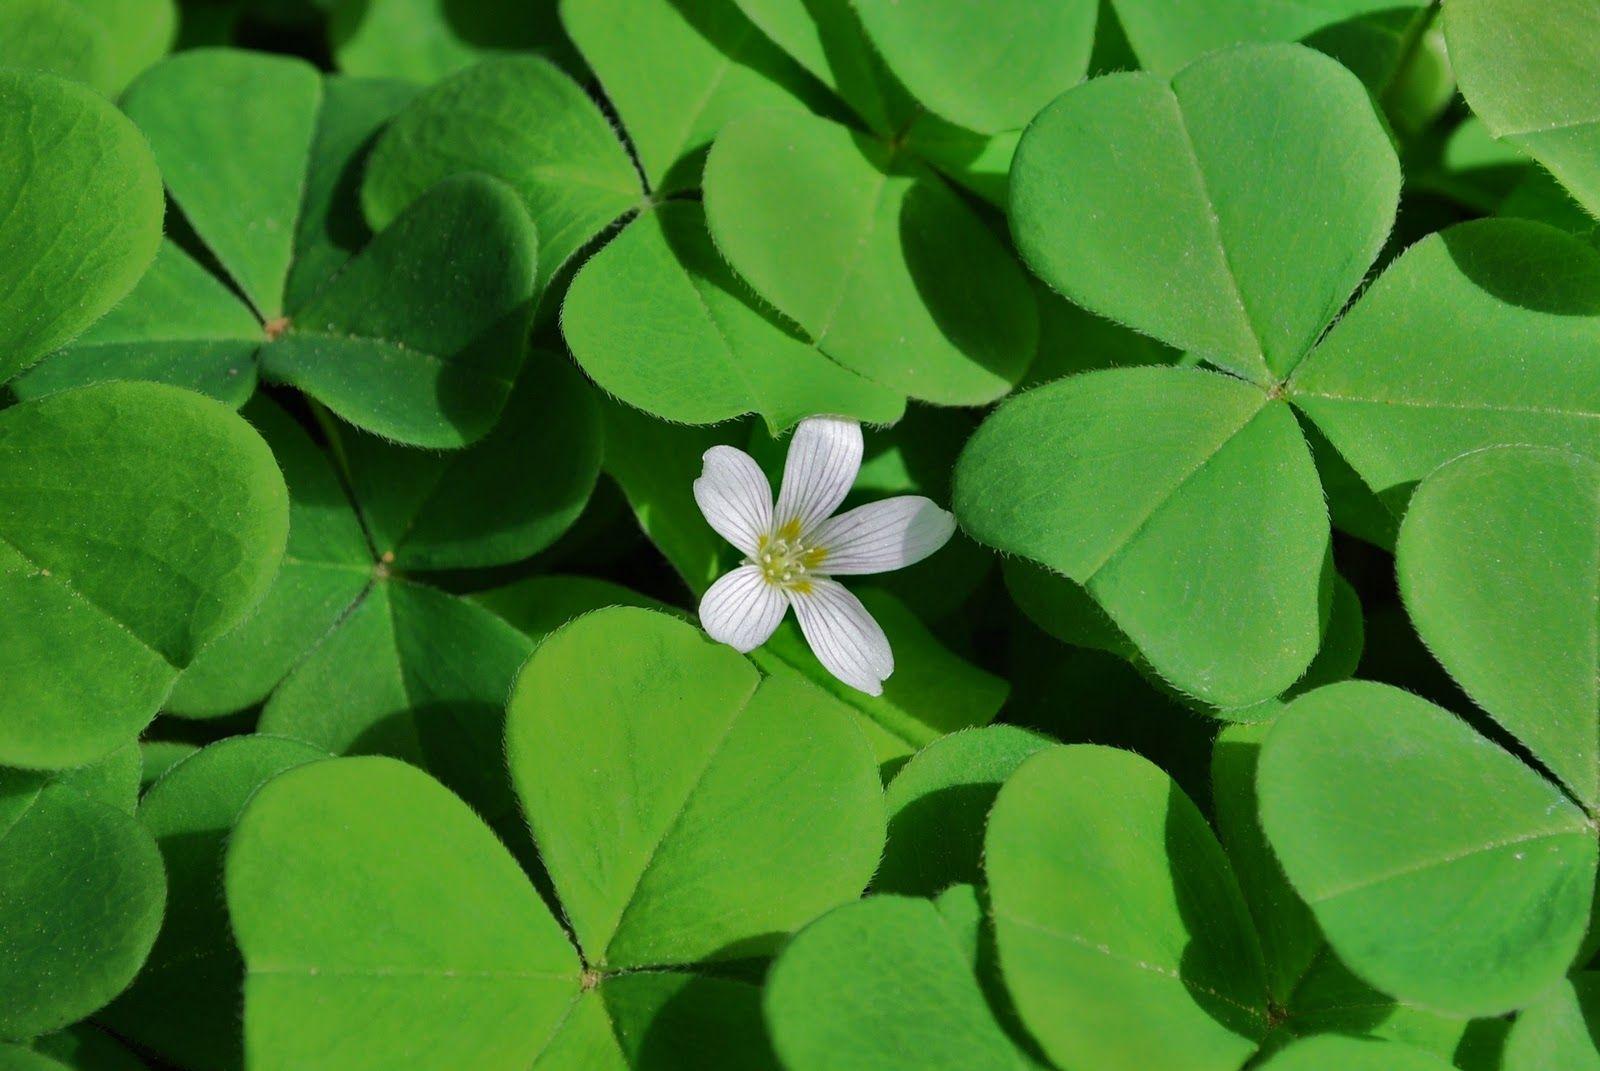 The national flower of Ireland is the shamrock. Irish